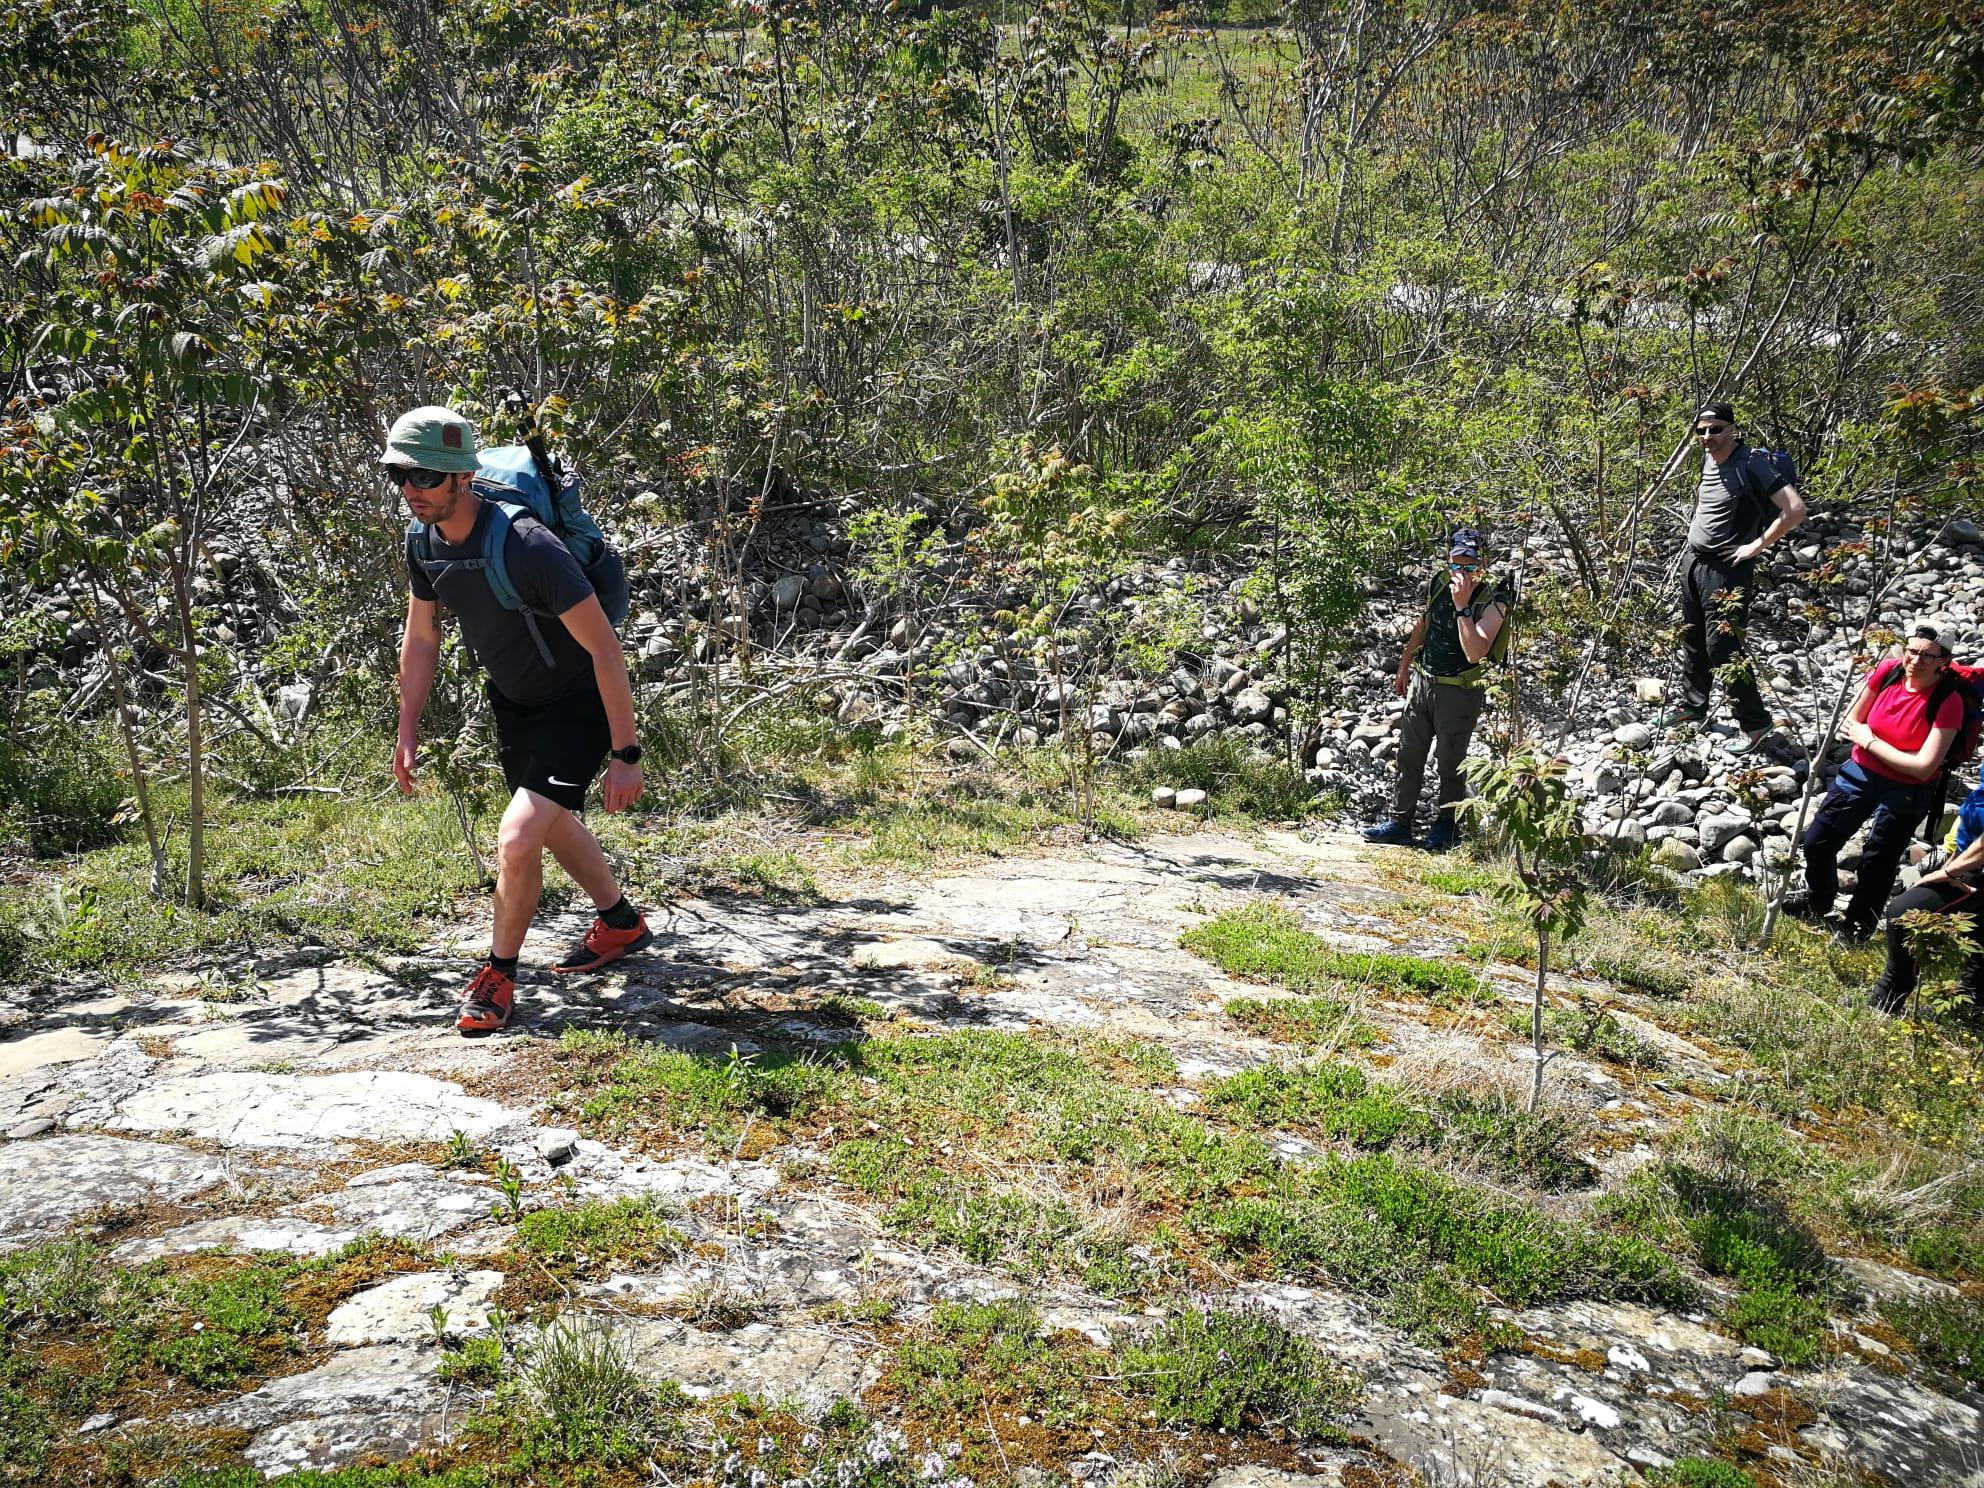 tecniche di camminate escursionismo